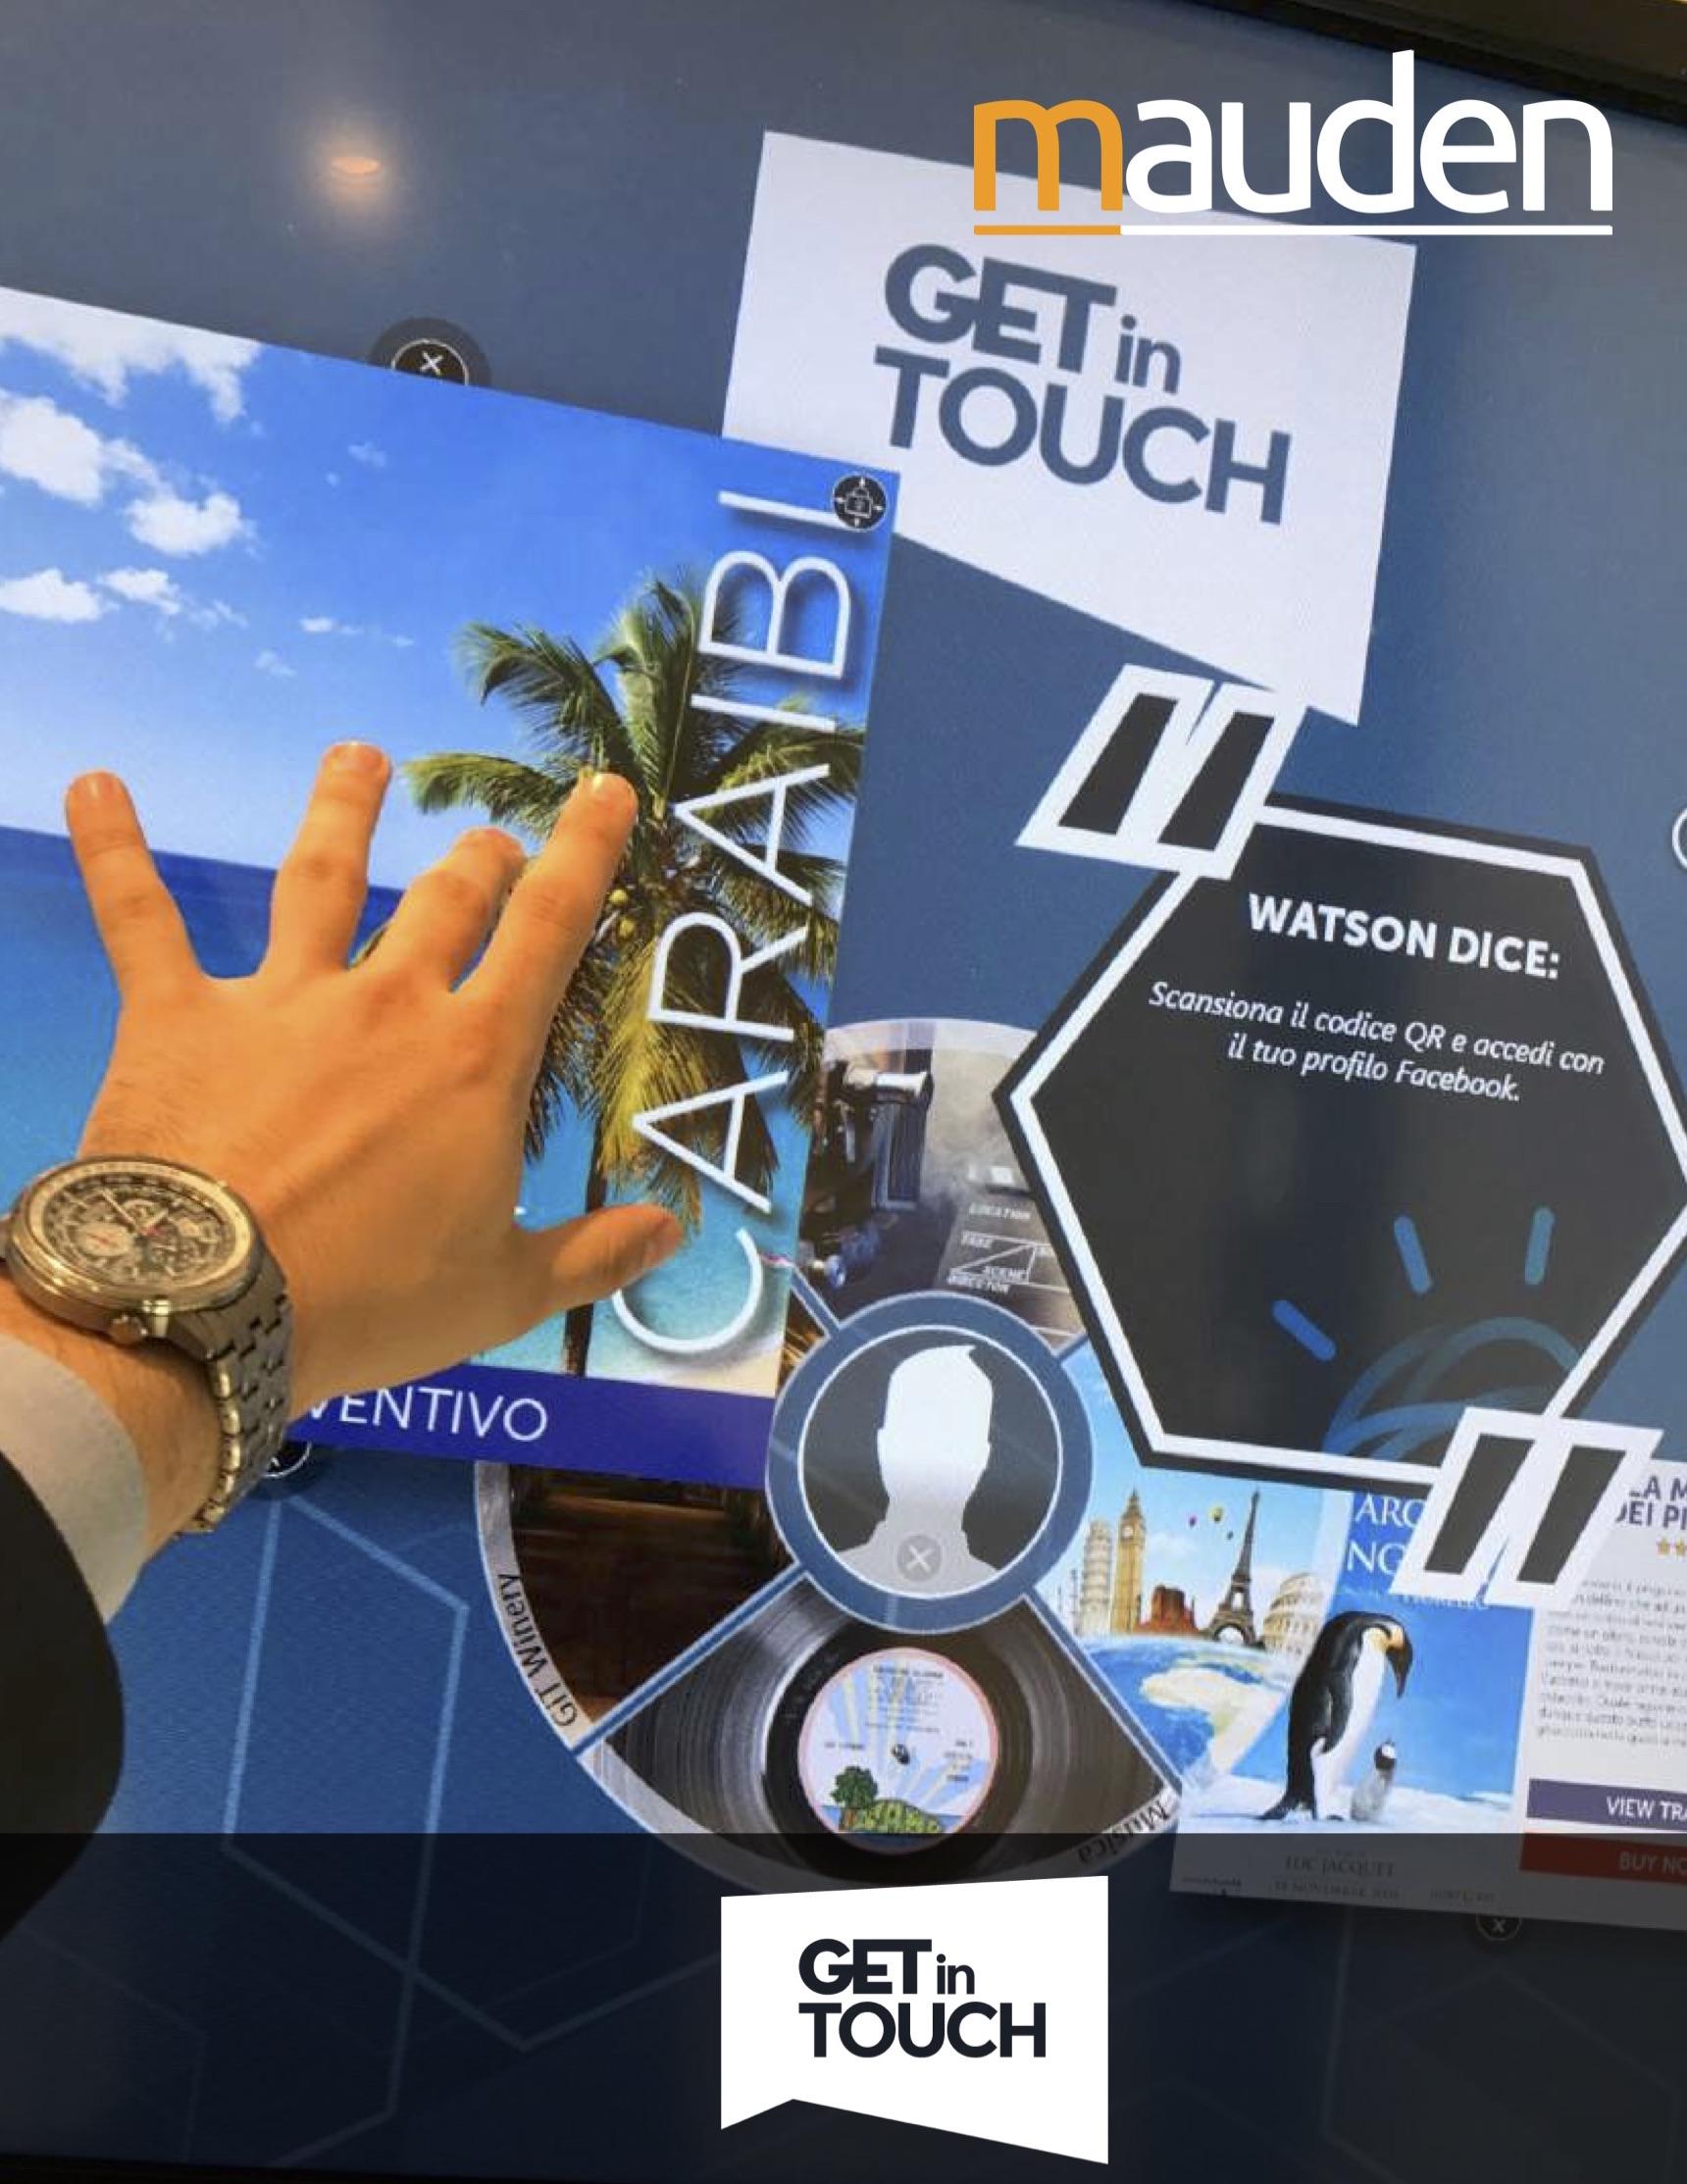 GETinTOUCH: digital signage interattivo per una nuova CX multichannel